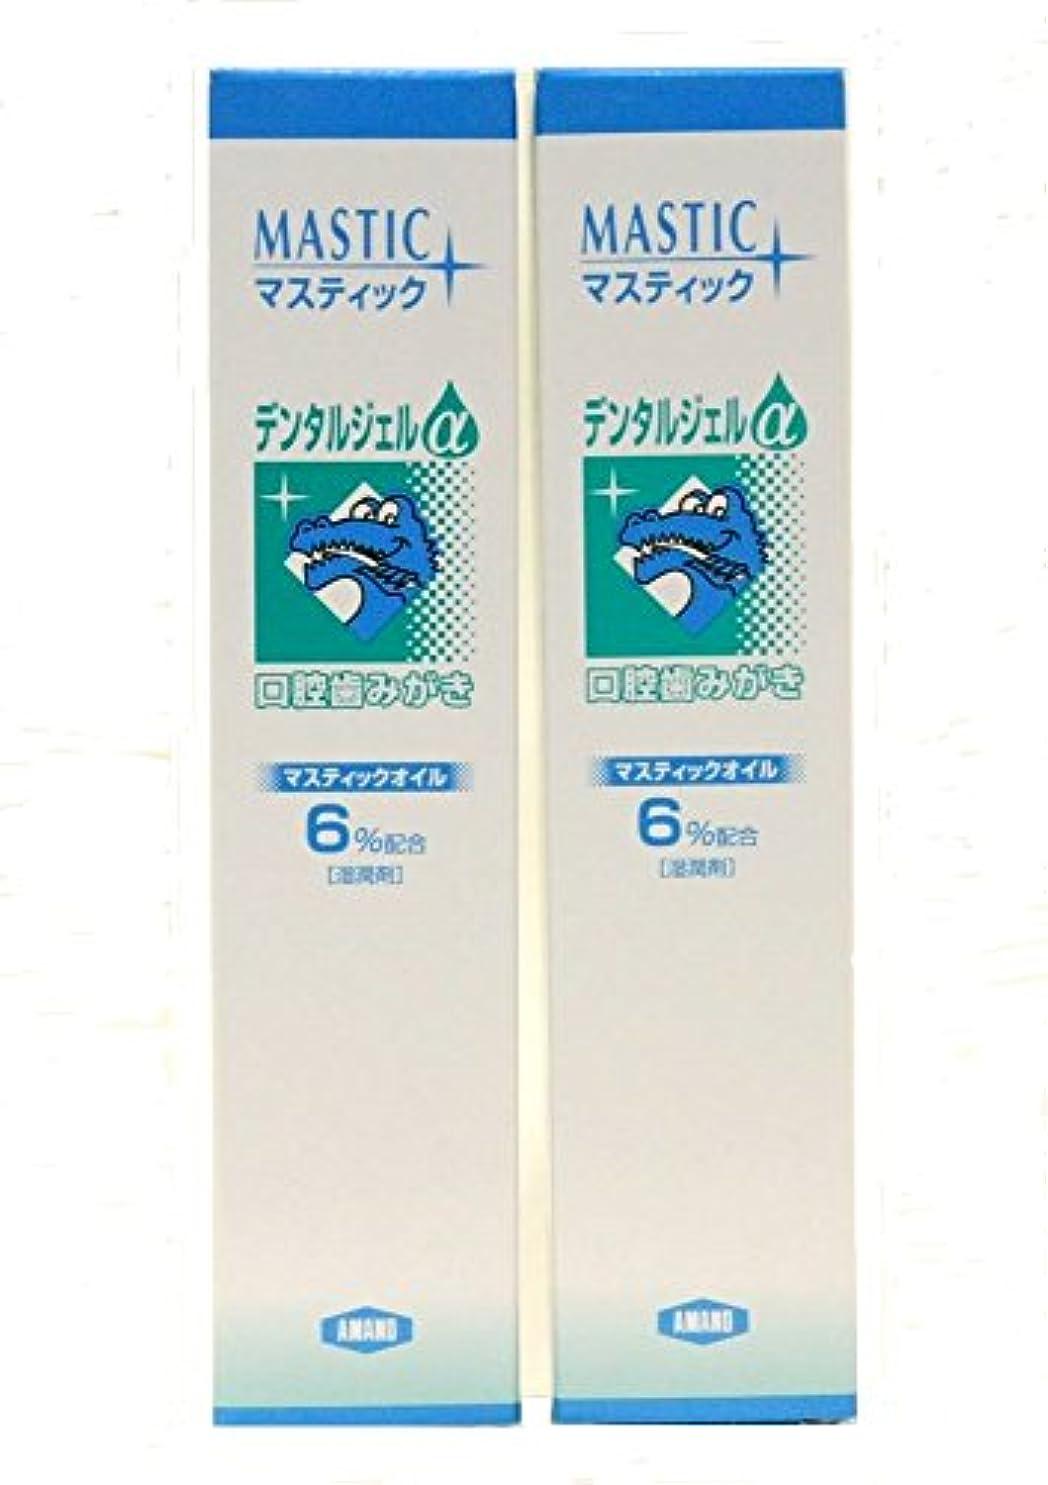 公平桃感謝祭MASTIC マスティックデンタルジェルα45gX2個セット